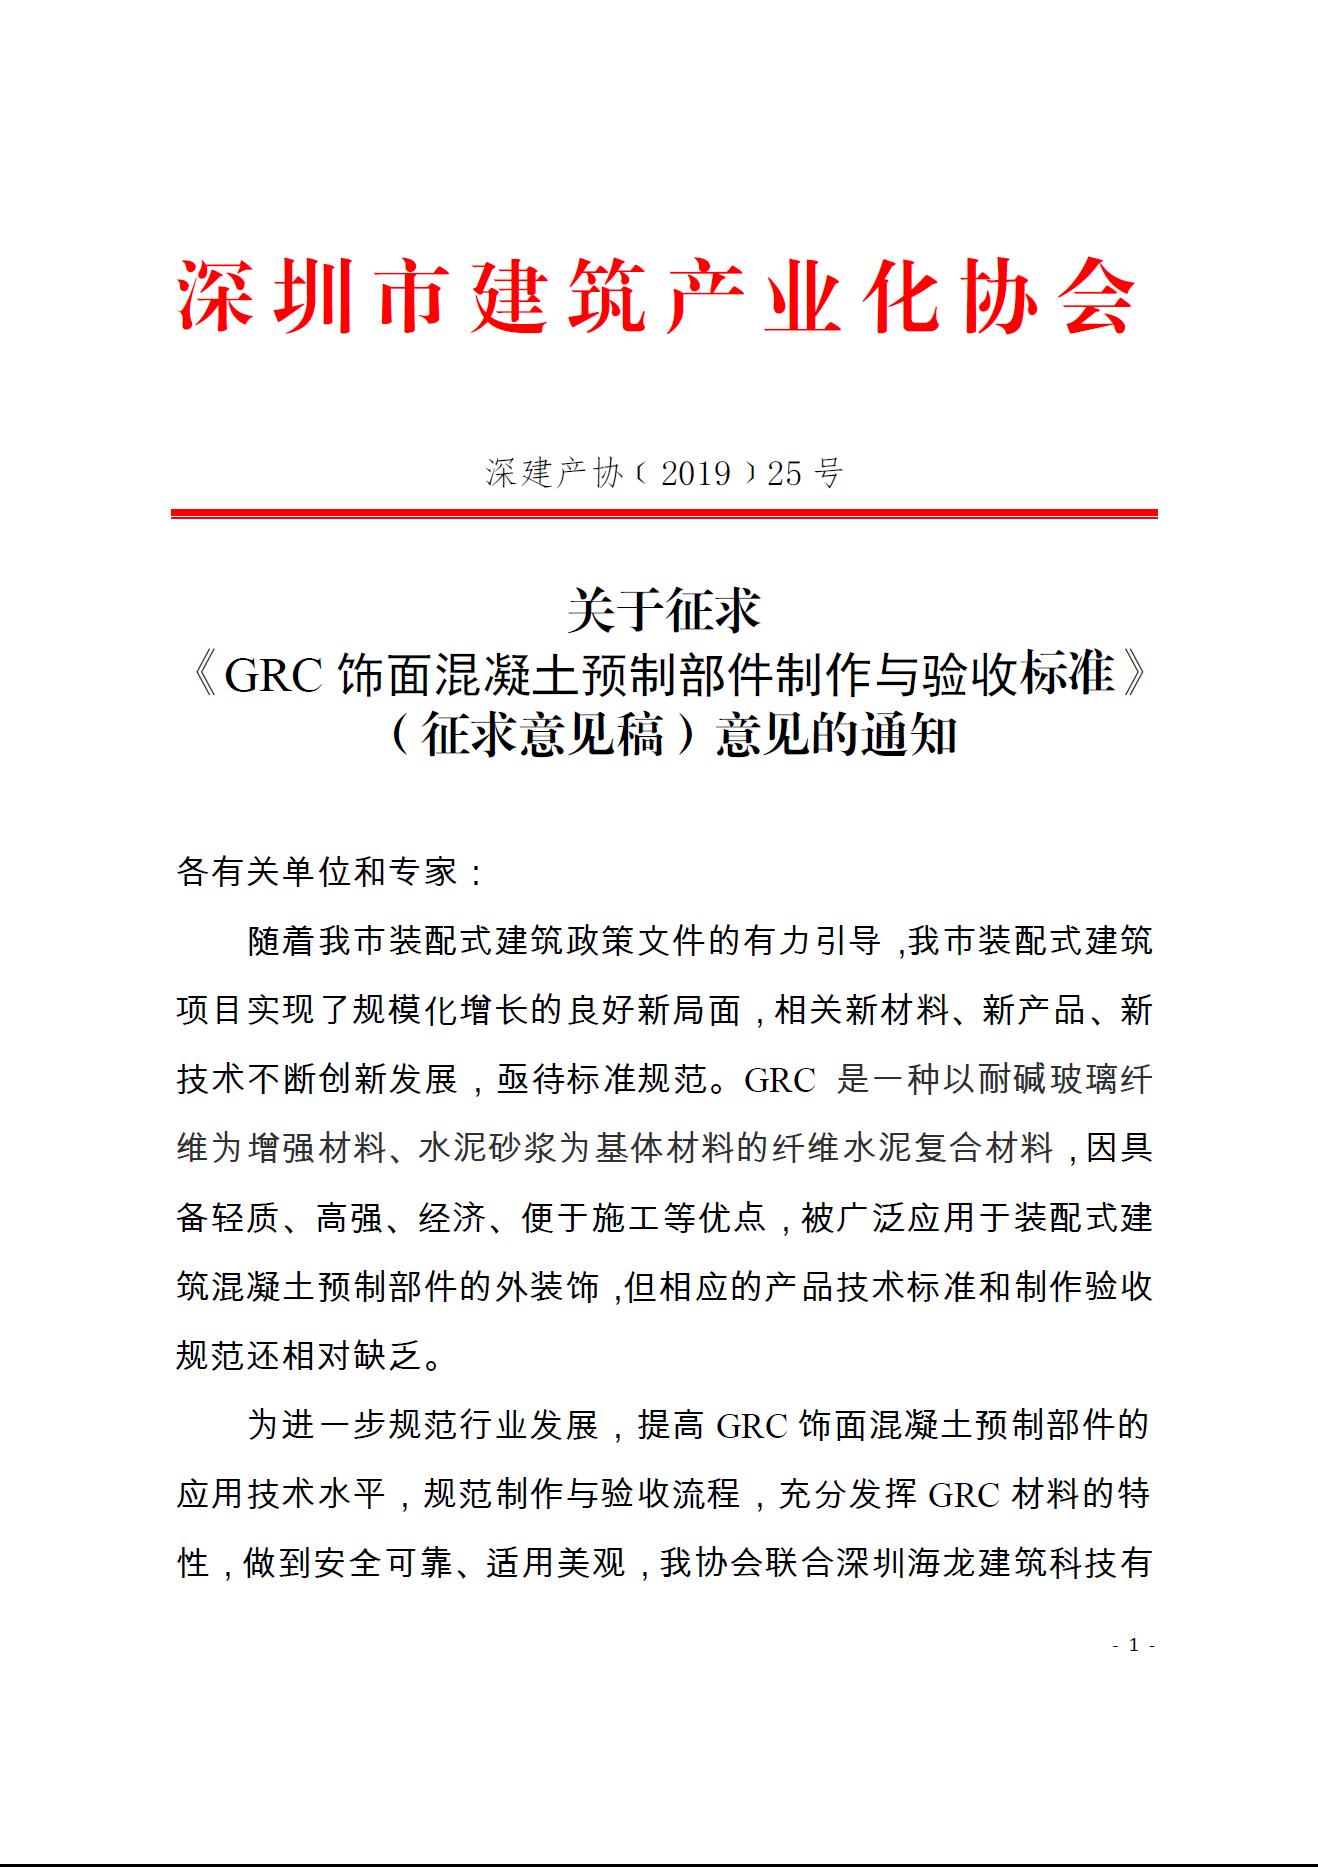 关于征求《GRC饰面混凝土预制部件制作与验收标准》(征求意见稿)意见的通知